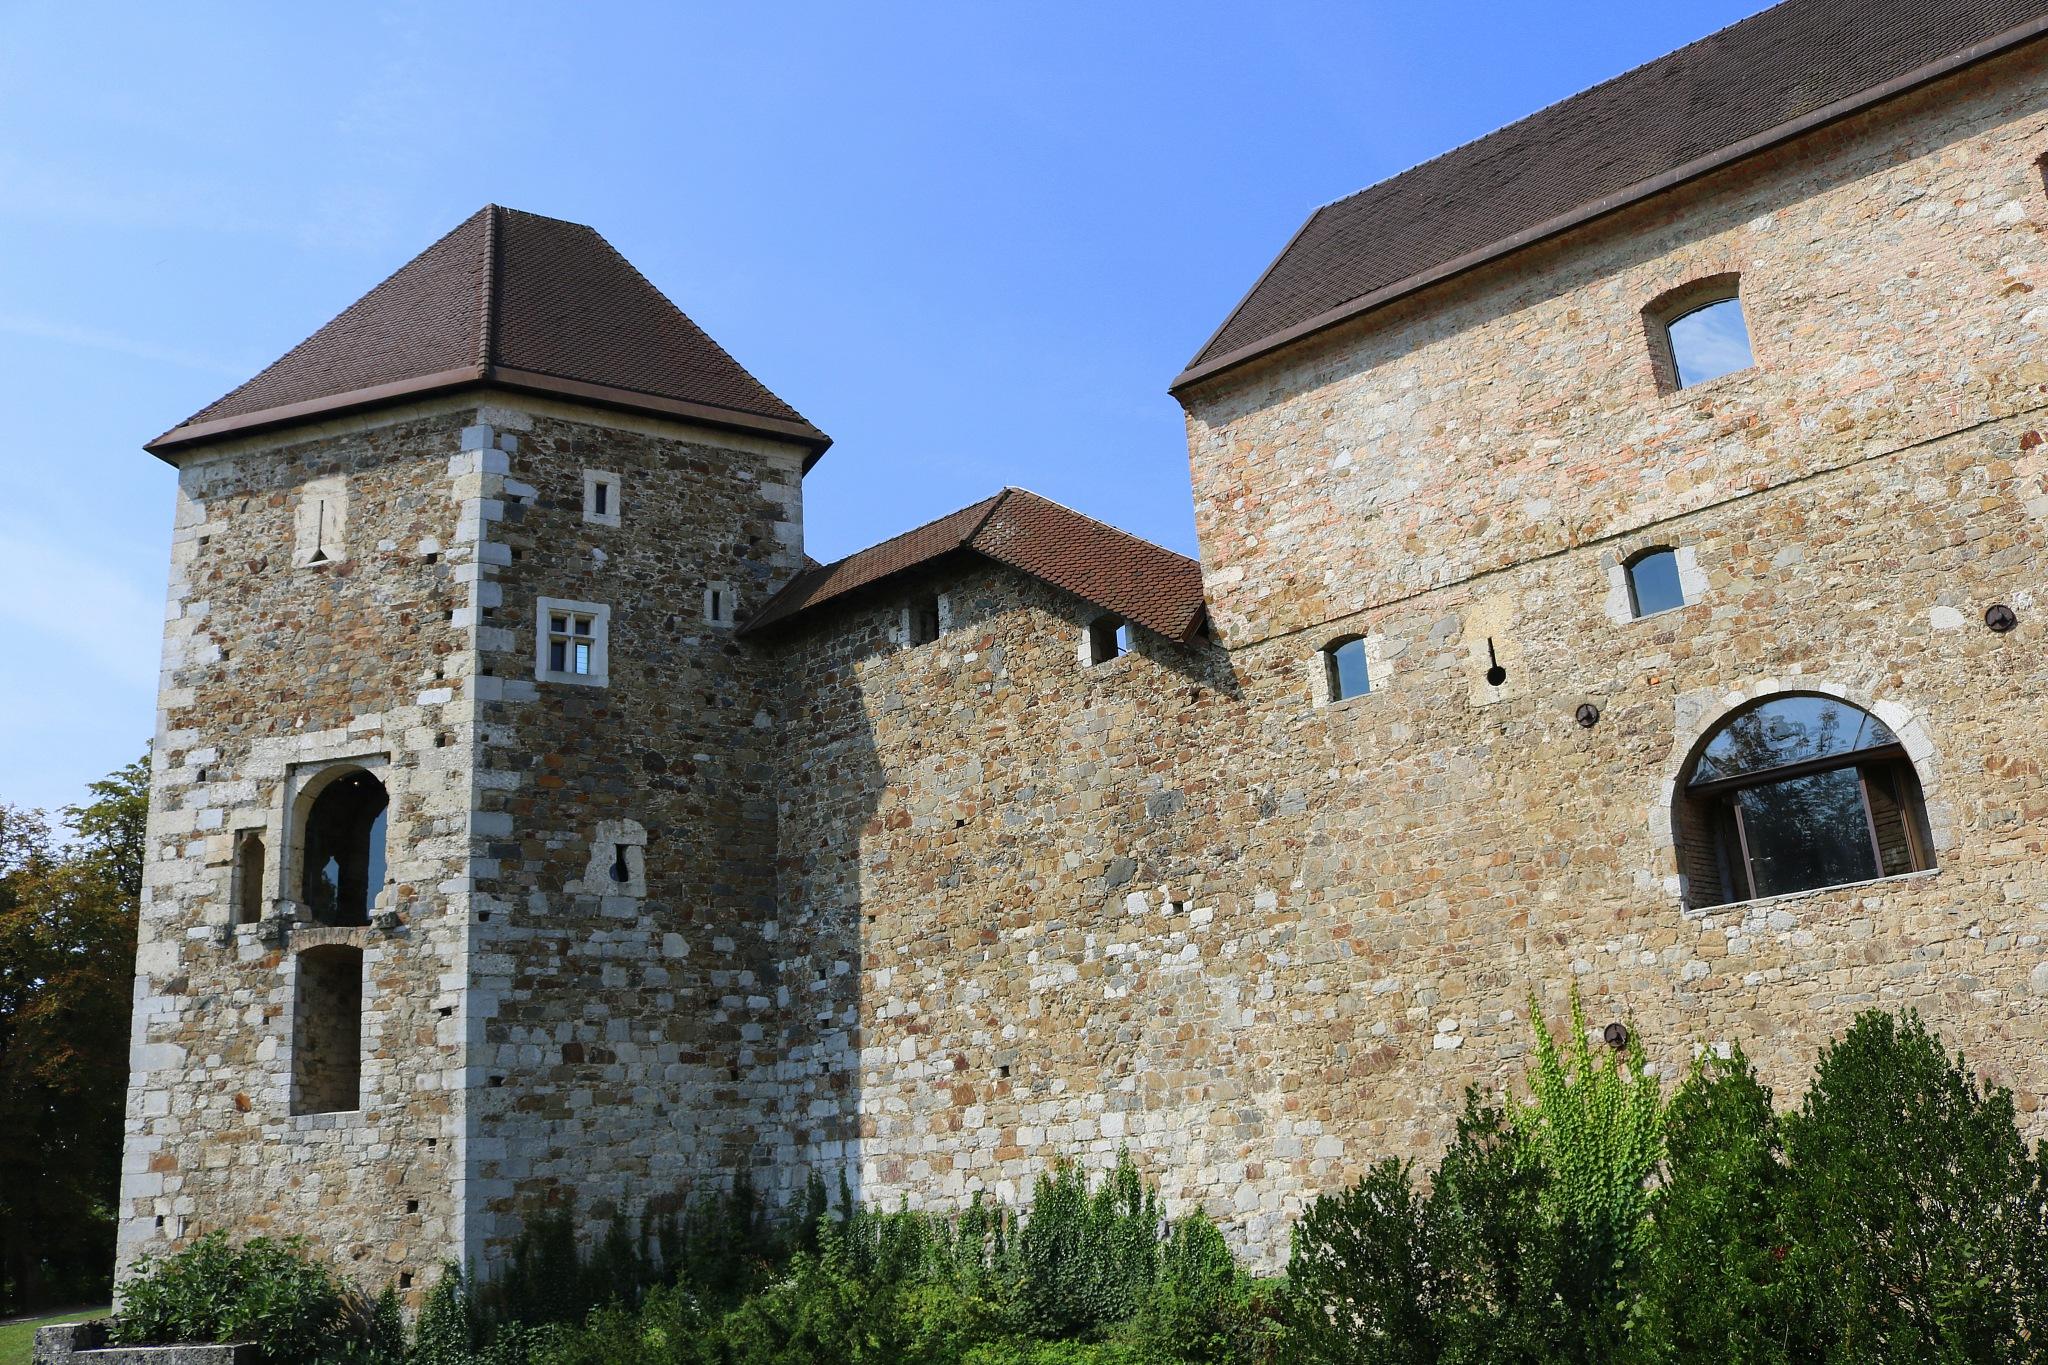 Ljubljanski grad by zvnktomasevic